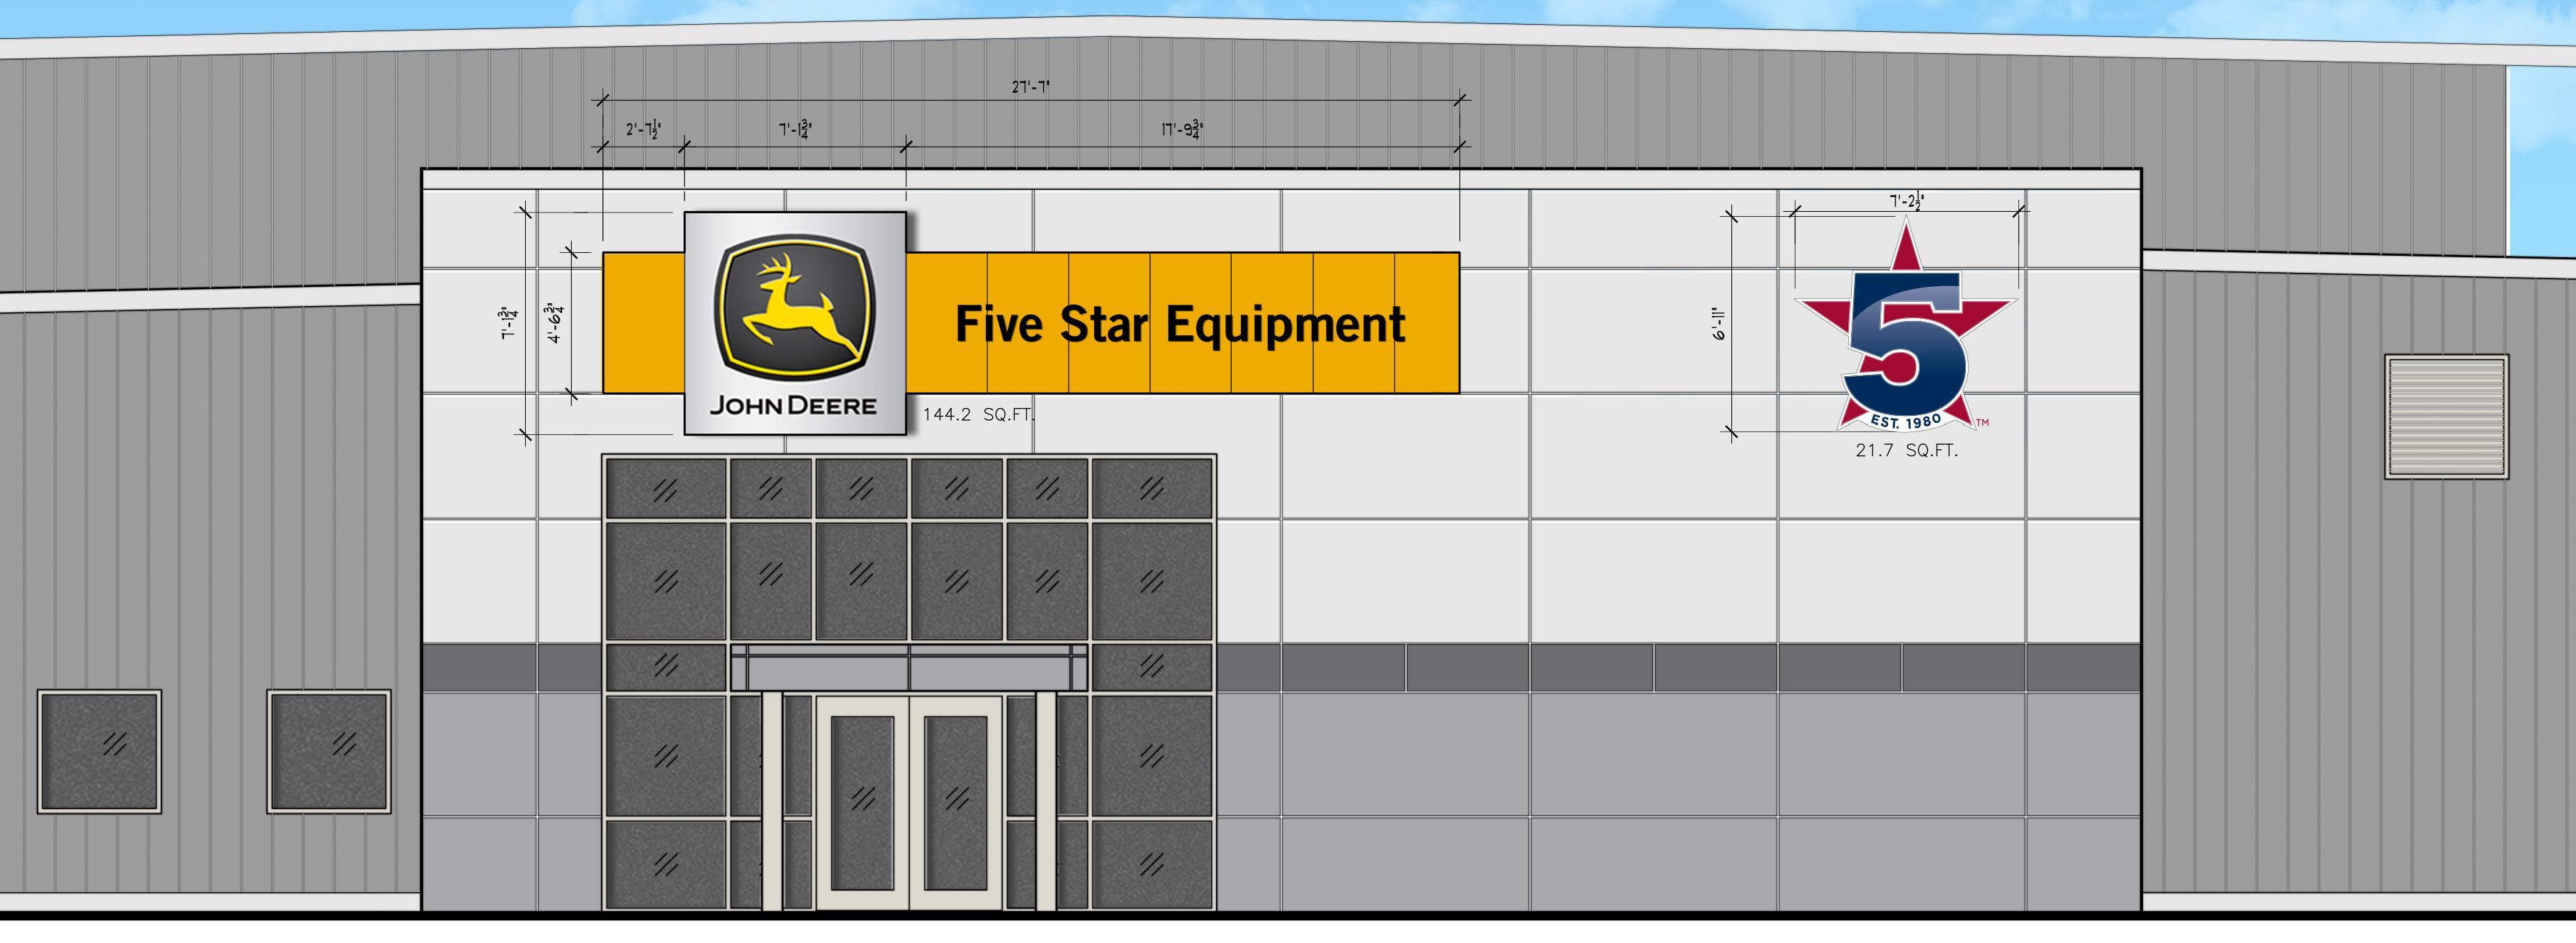 5 Star Building Front Logo Signage Elevation